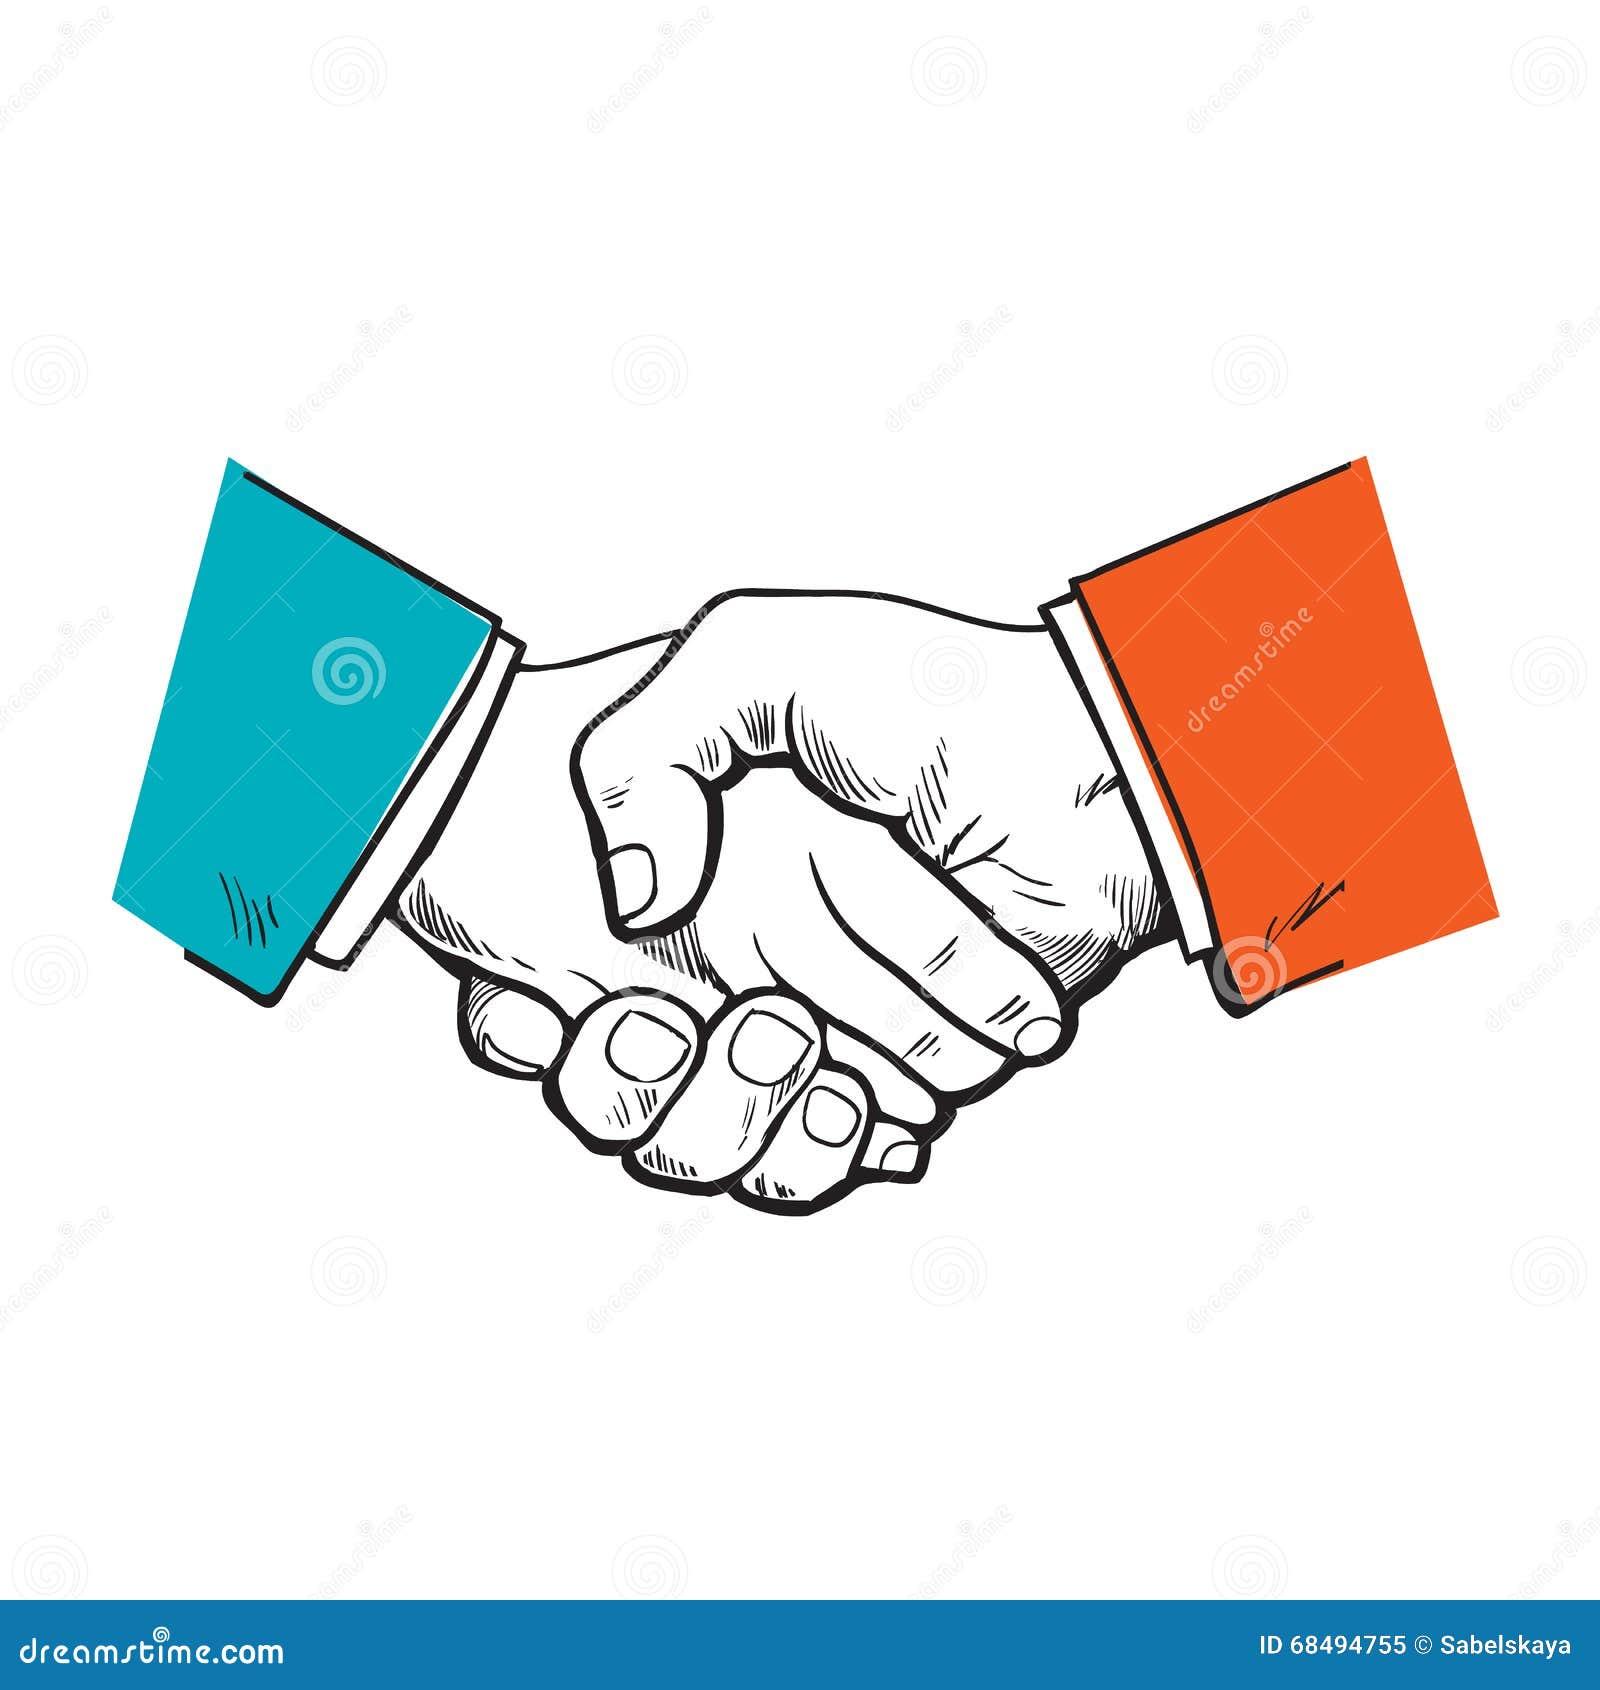 Símbolo De La Cooperación, Amistad, Sociedad, Acuerdo